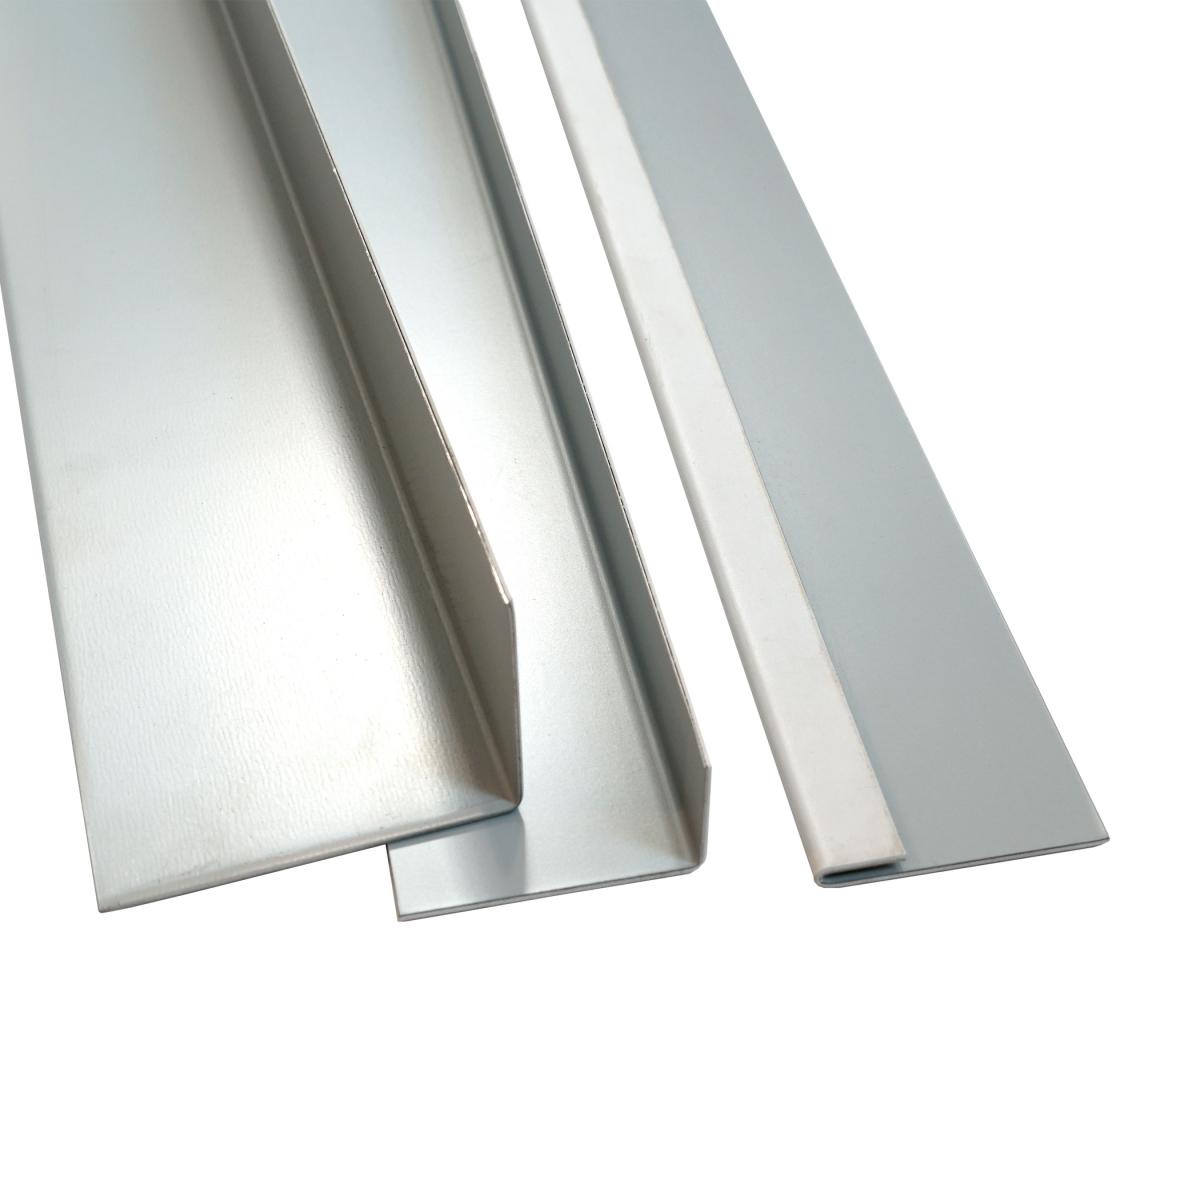 Blechwinkel 90° beschichtet, 50x50x2000 mm, aussen beschichtet, grau Blechwinkel 90° beschichtet, 50x50x2000 mm, aussen beschichtet, grau